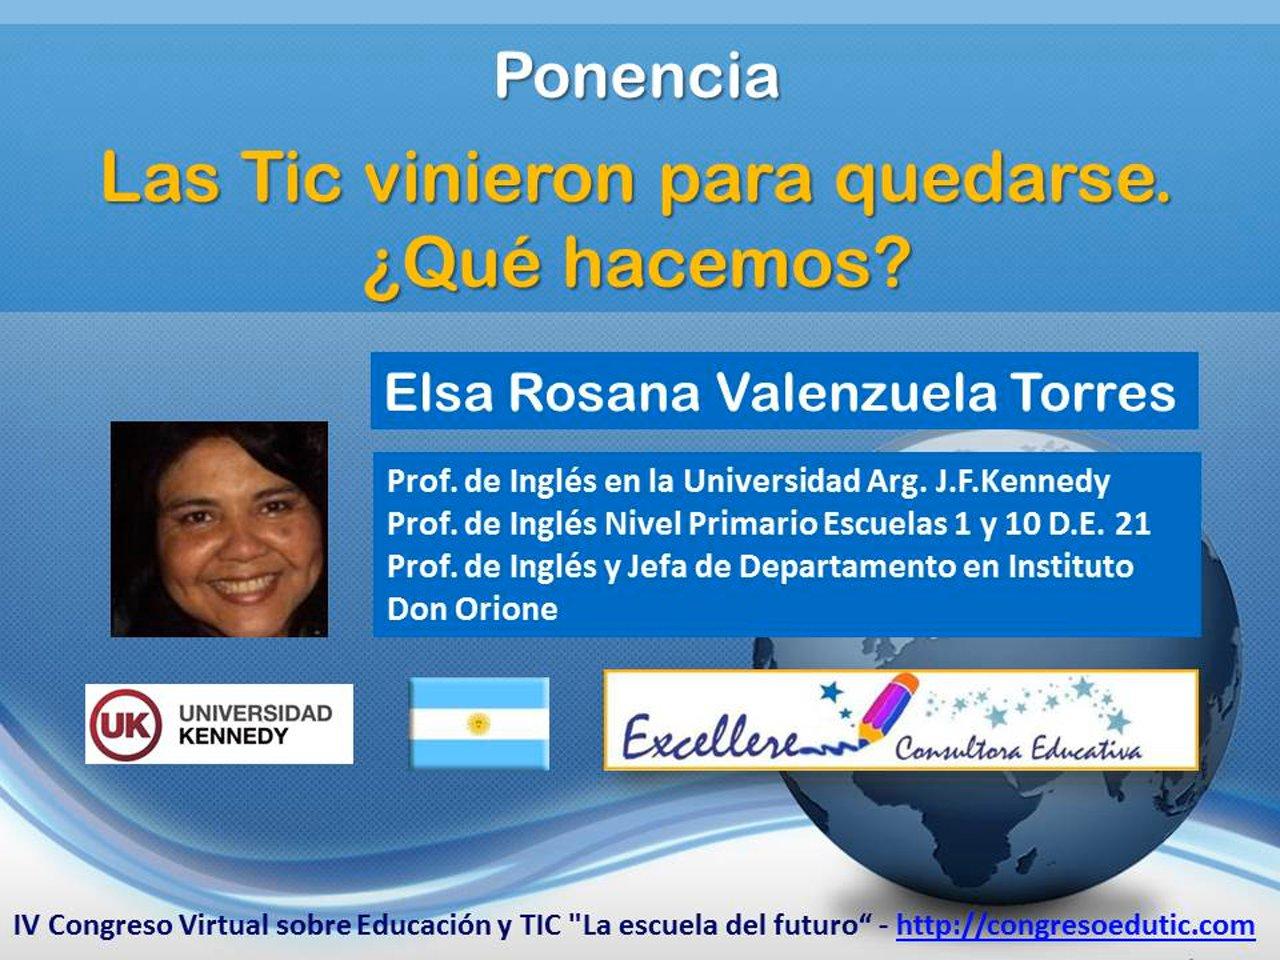 Ponencia de Elsa Valenzuela Torres: Las TIC vinieron para quedarse